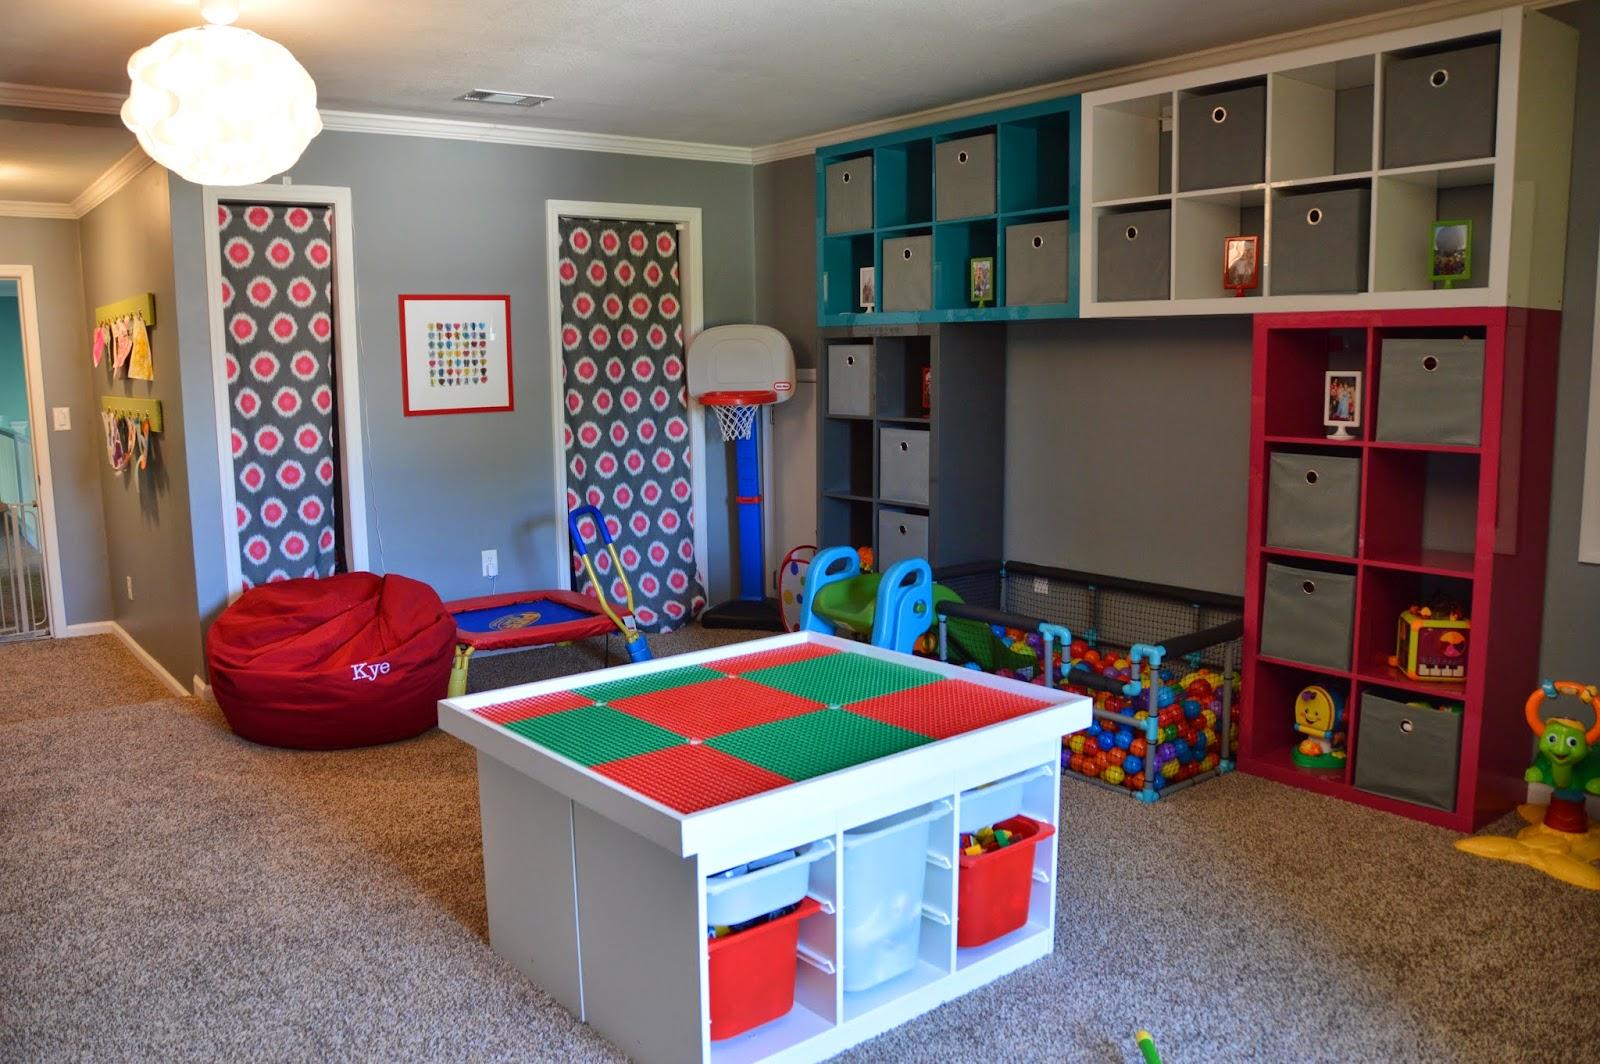 Sala giochi per bambini con ikea stuva e kallax for Camera bambini ikea